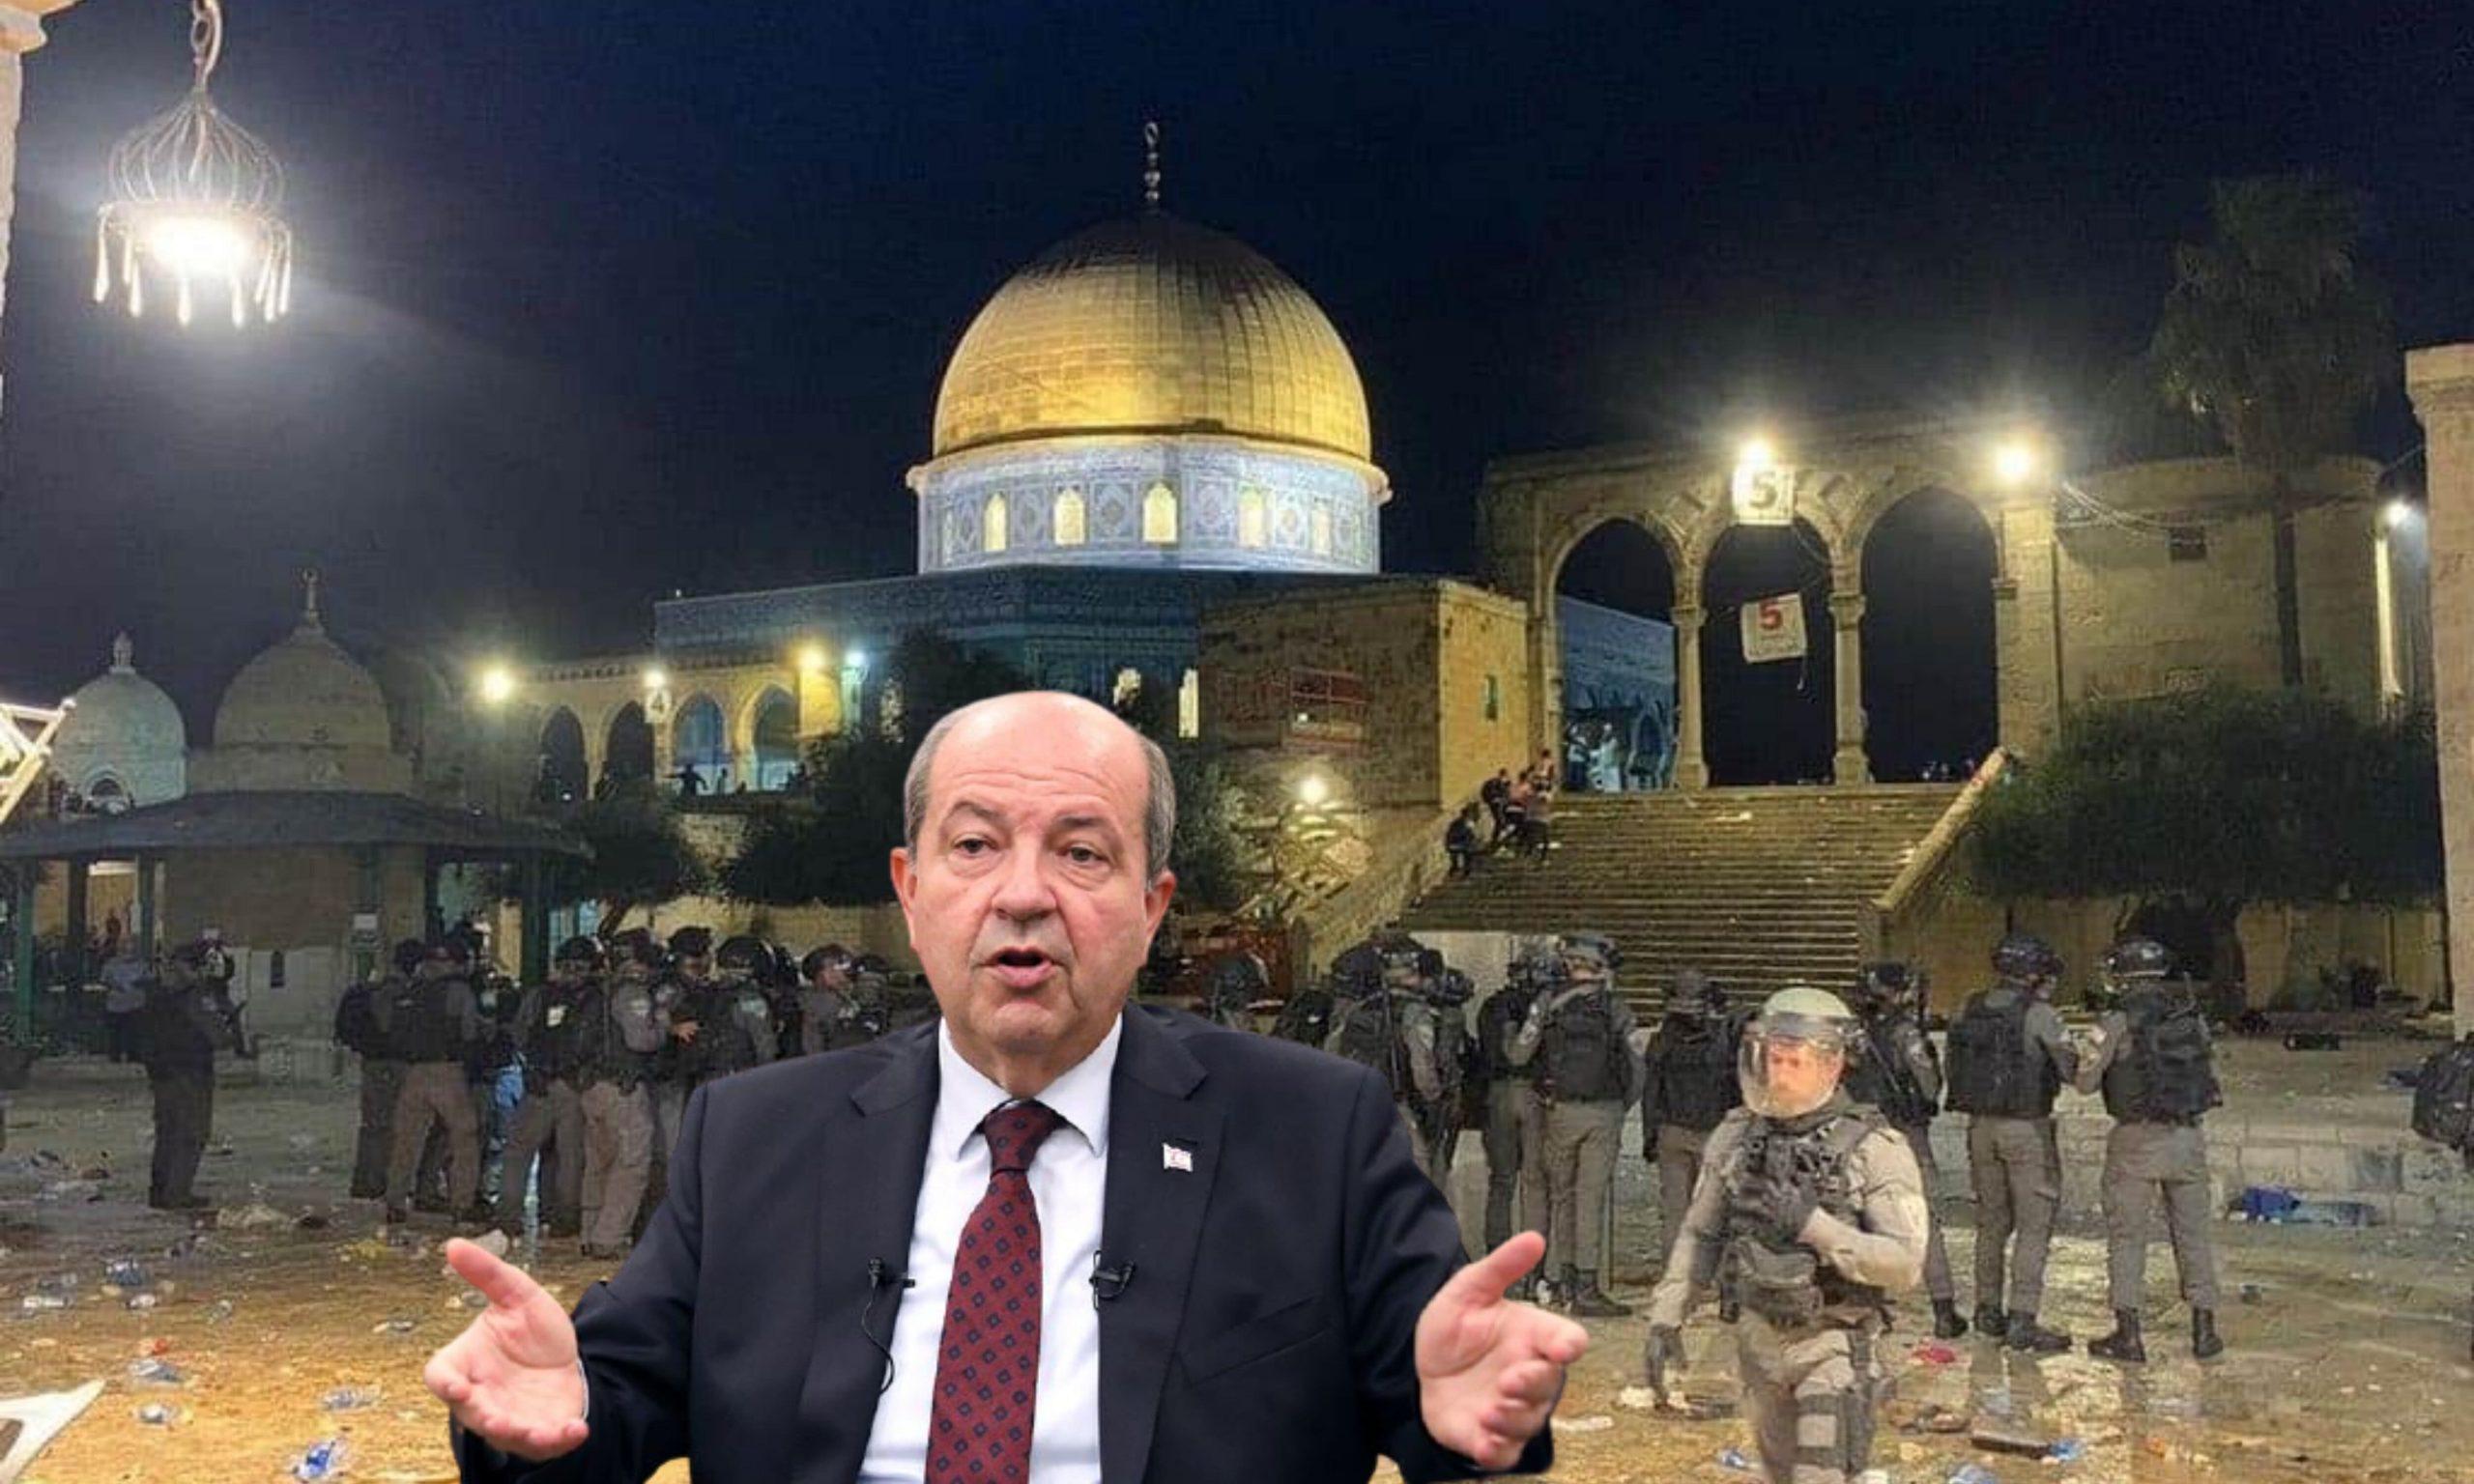 Cumhurbaşkanı Tatar Mescid-i Aksa'ya yönelik yapılan saldırıları kınadı